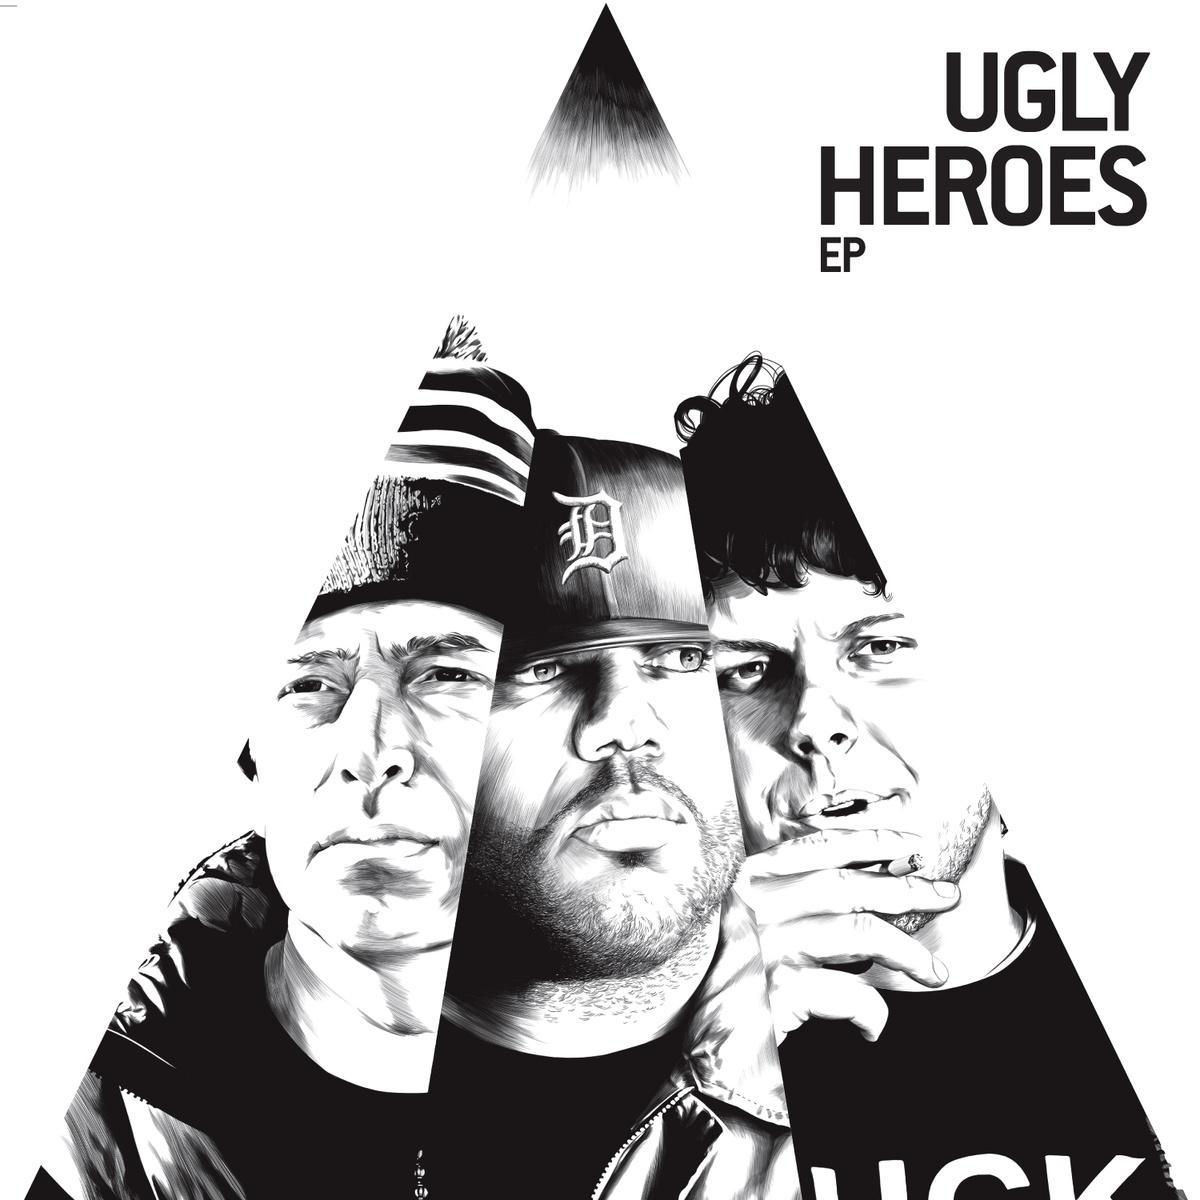 Ugly_heroes_-_ugly_heroes_ep